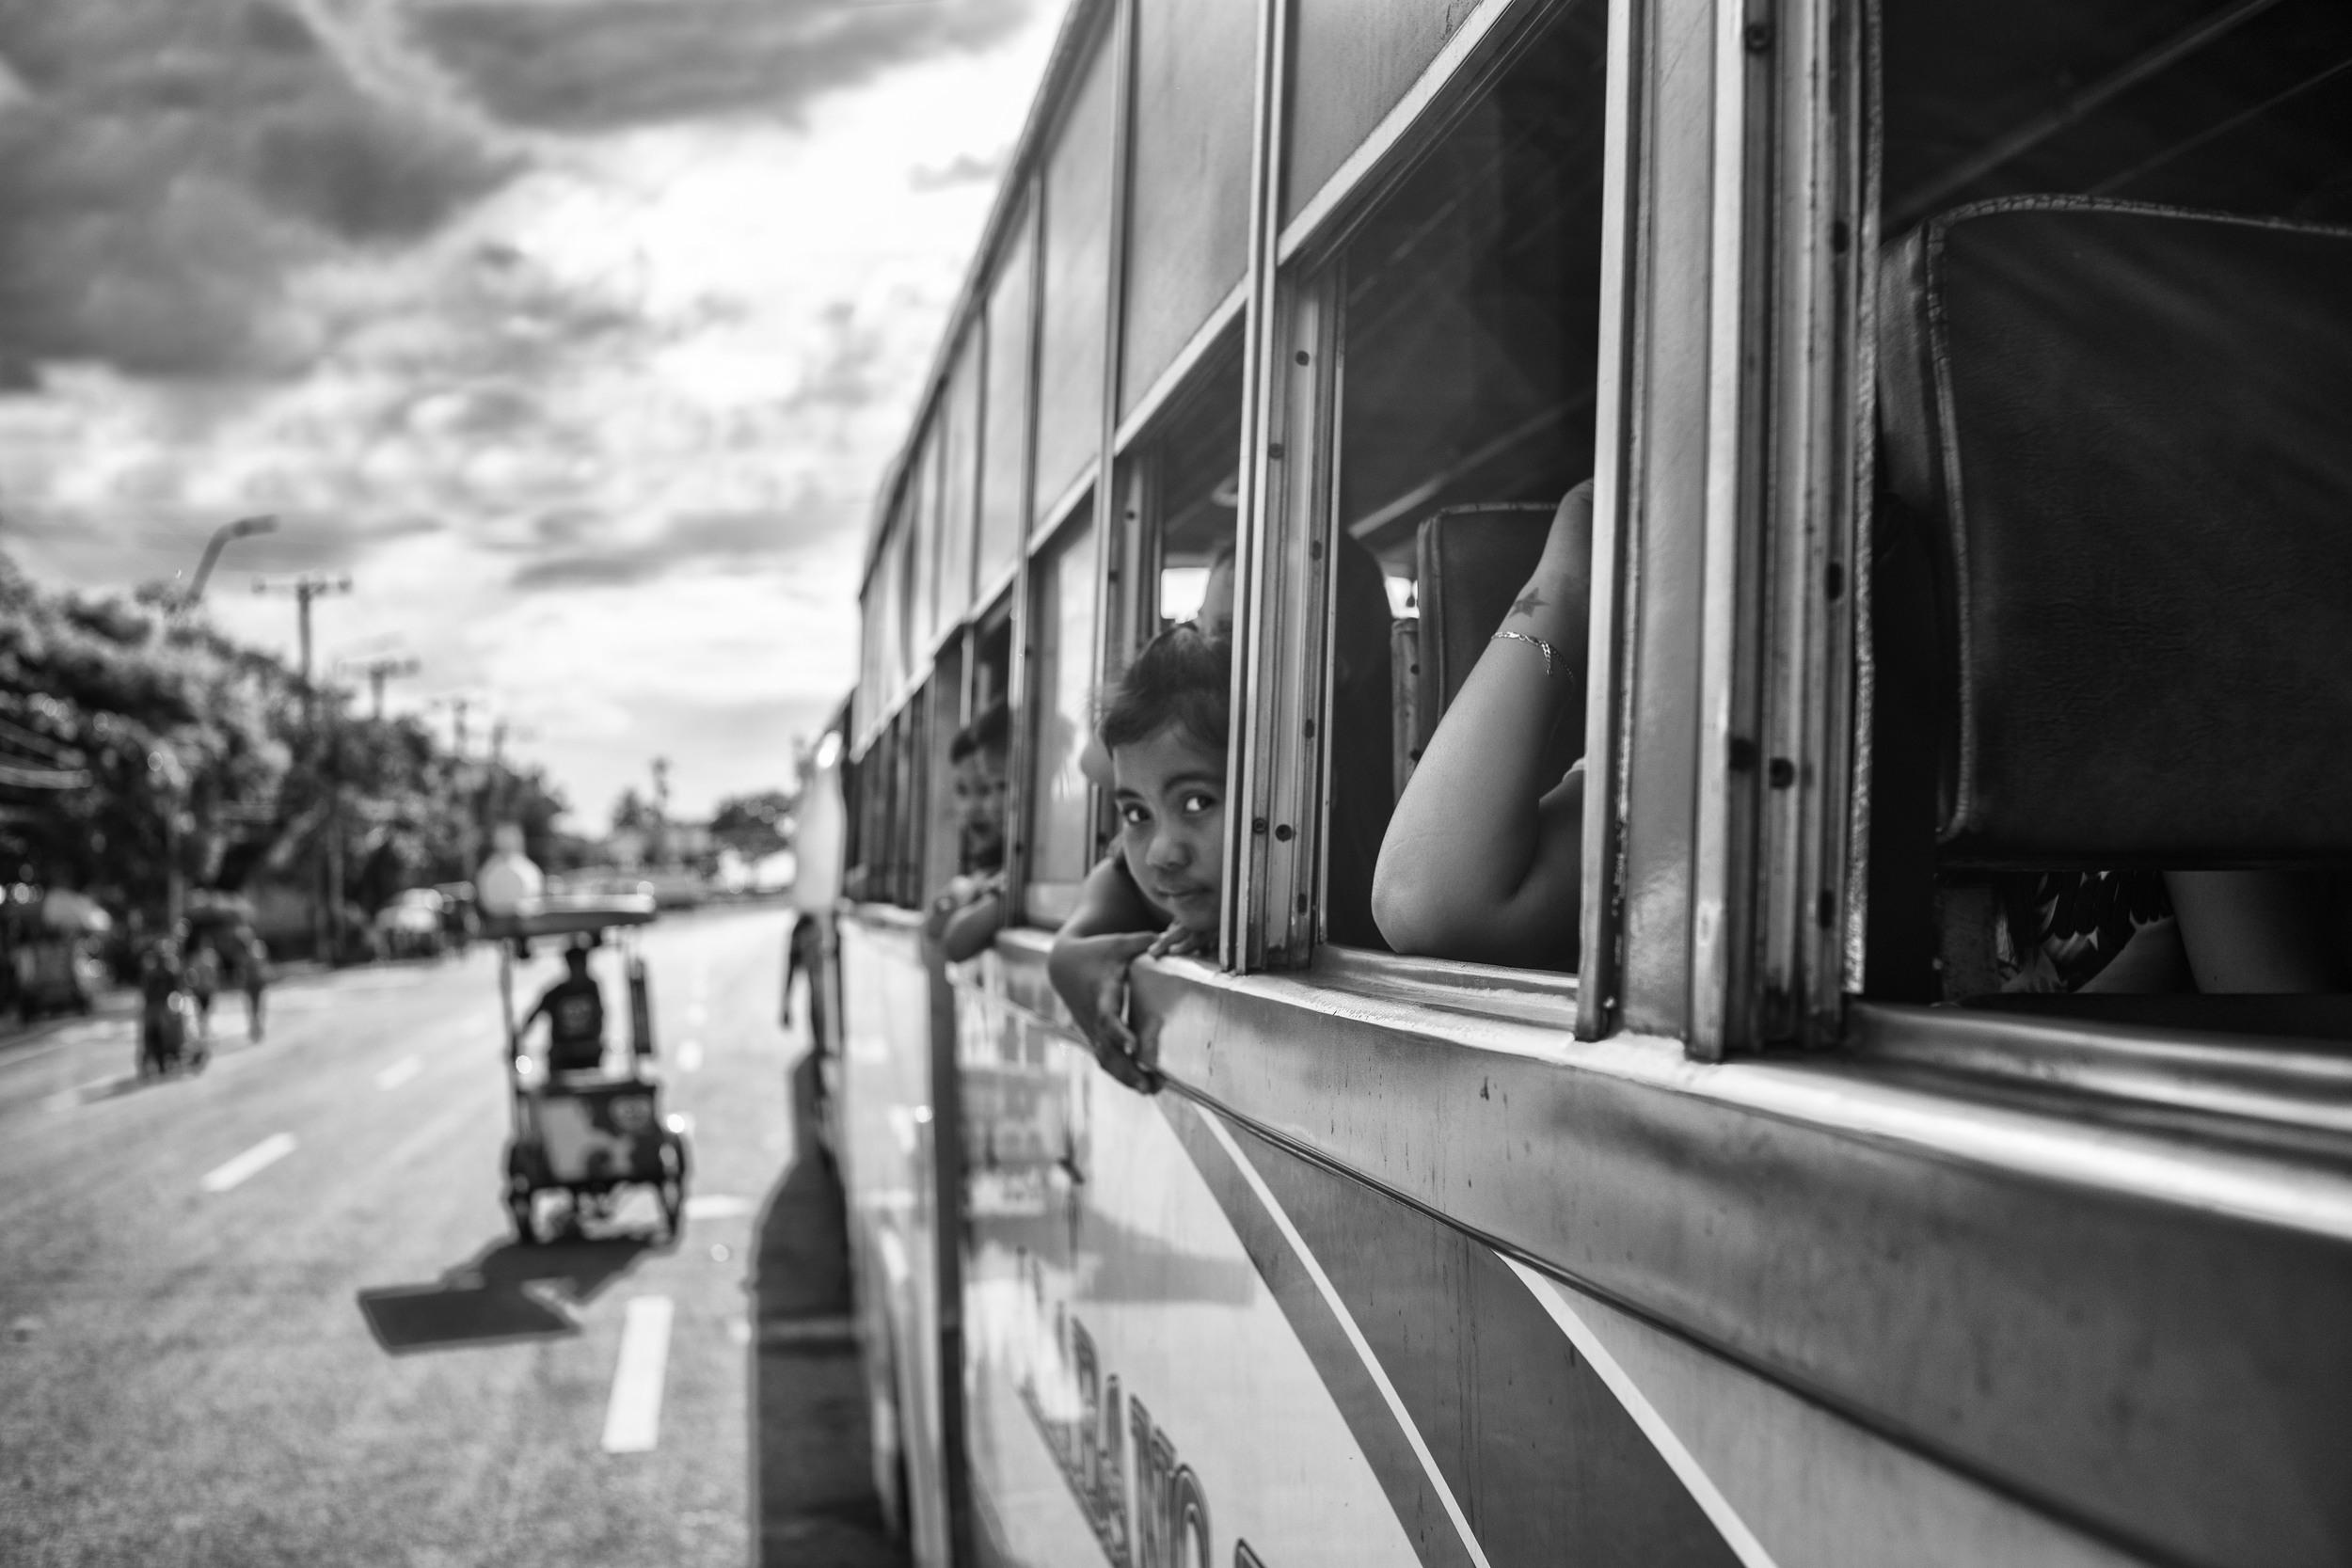 Girl on Bus.jpg